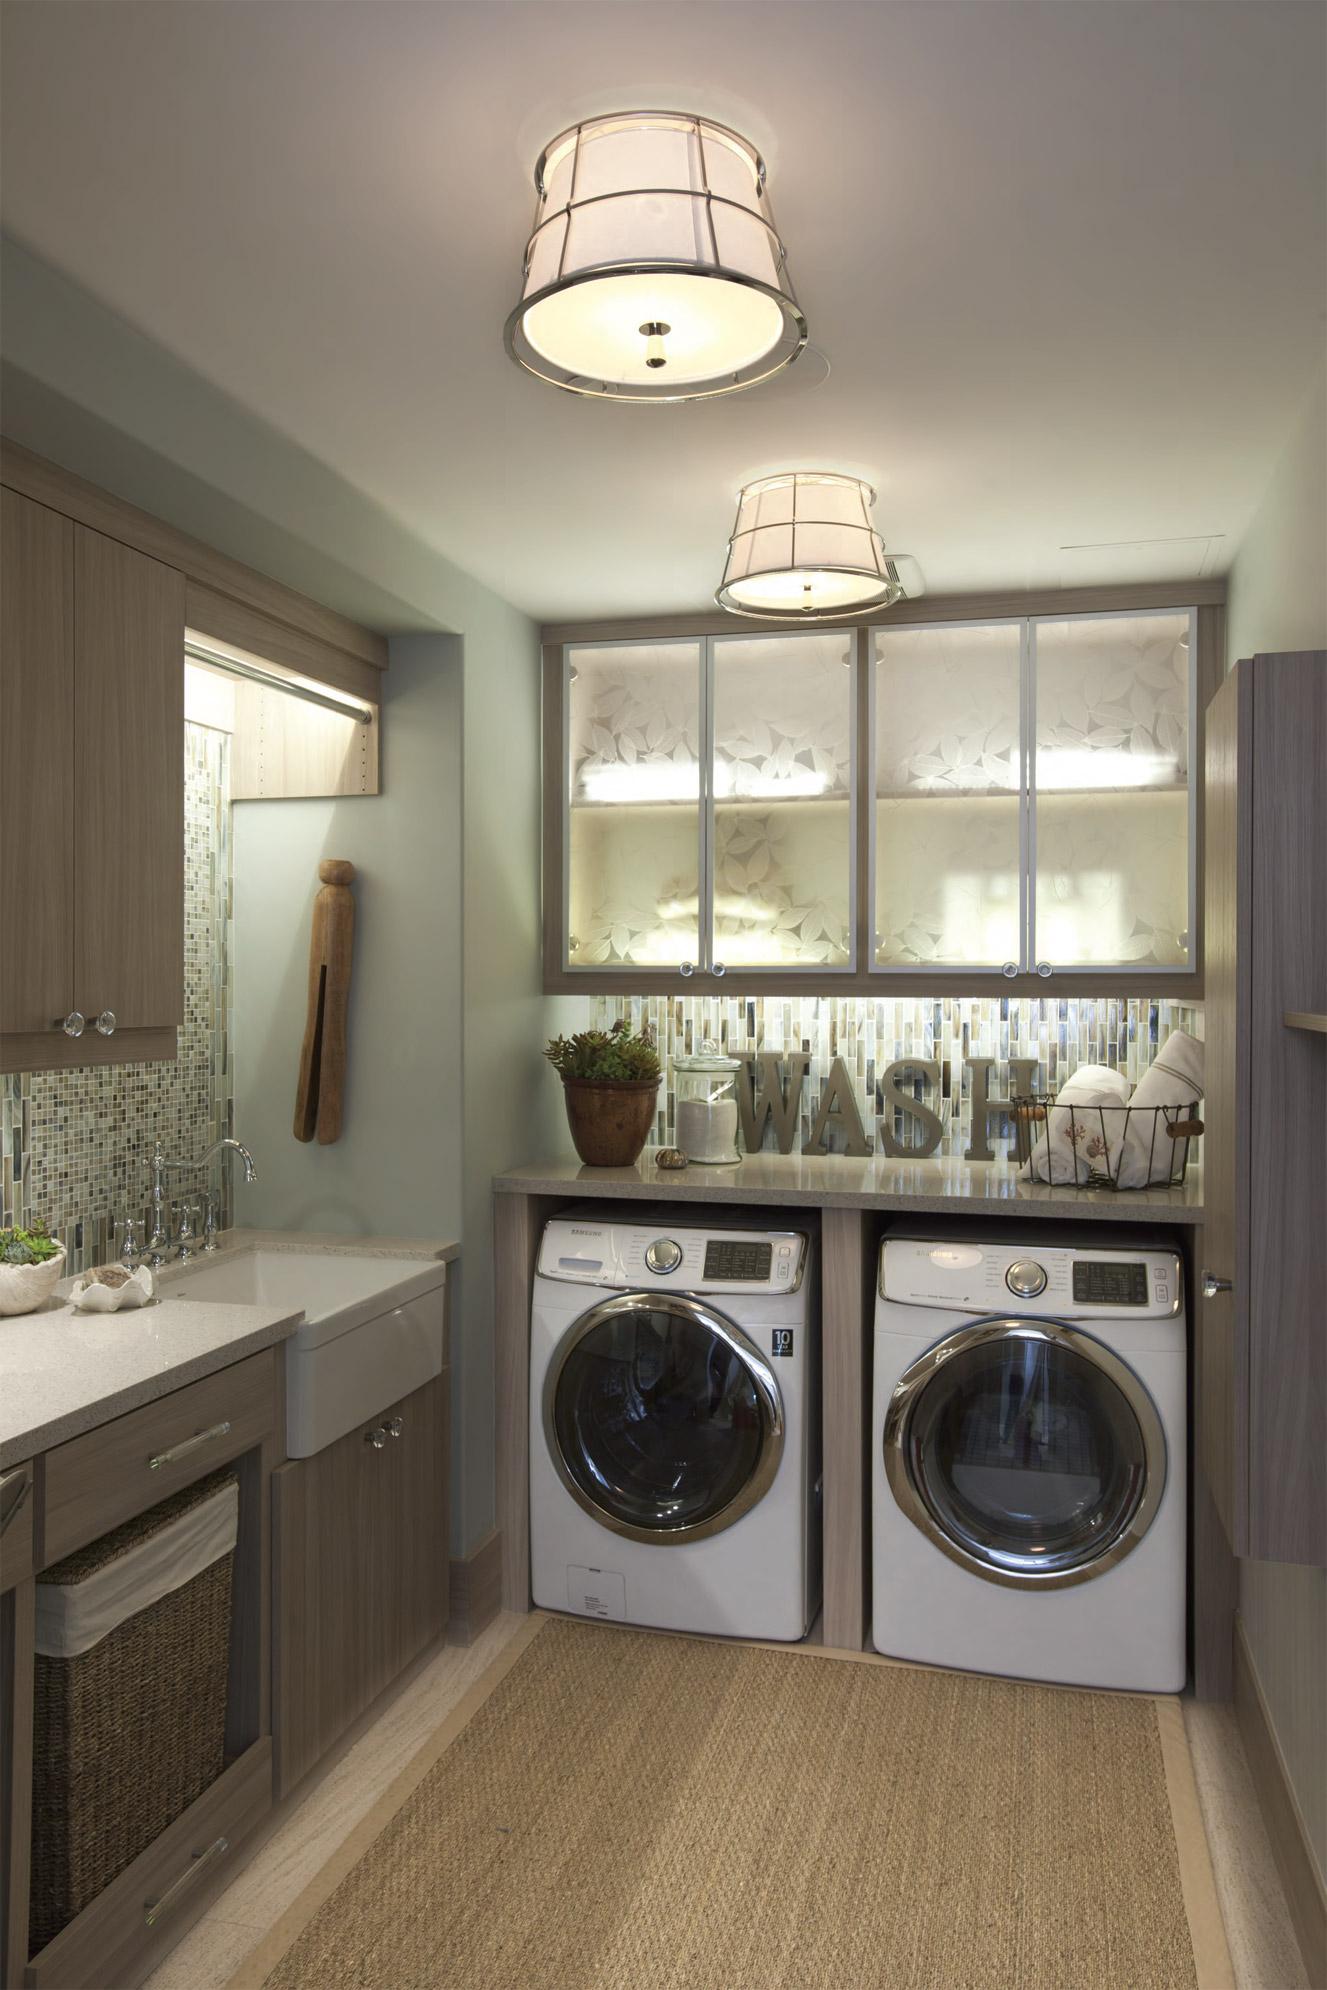 Fullsize Of Laundry Room Lighting